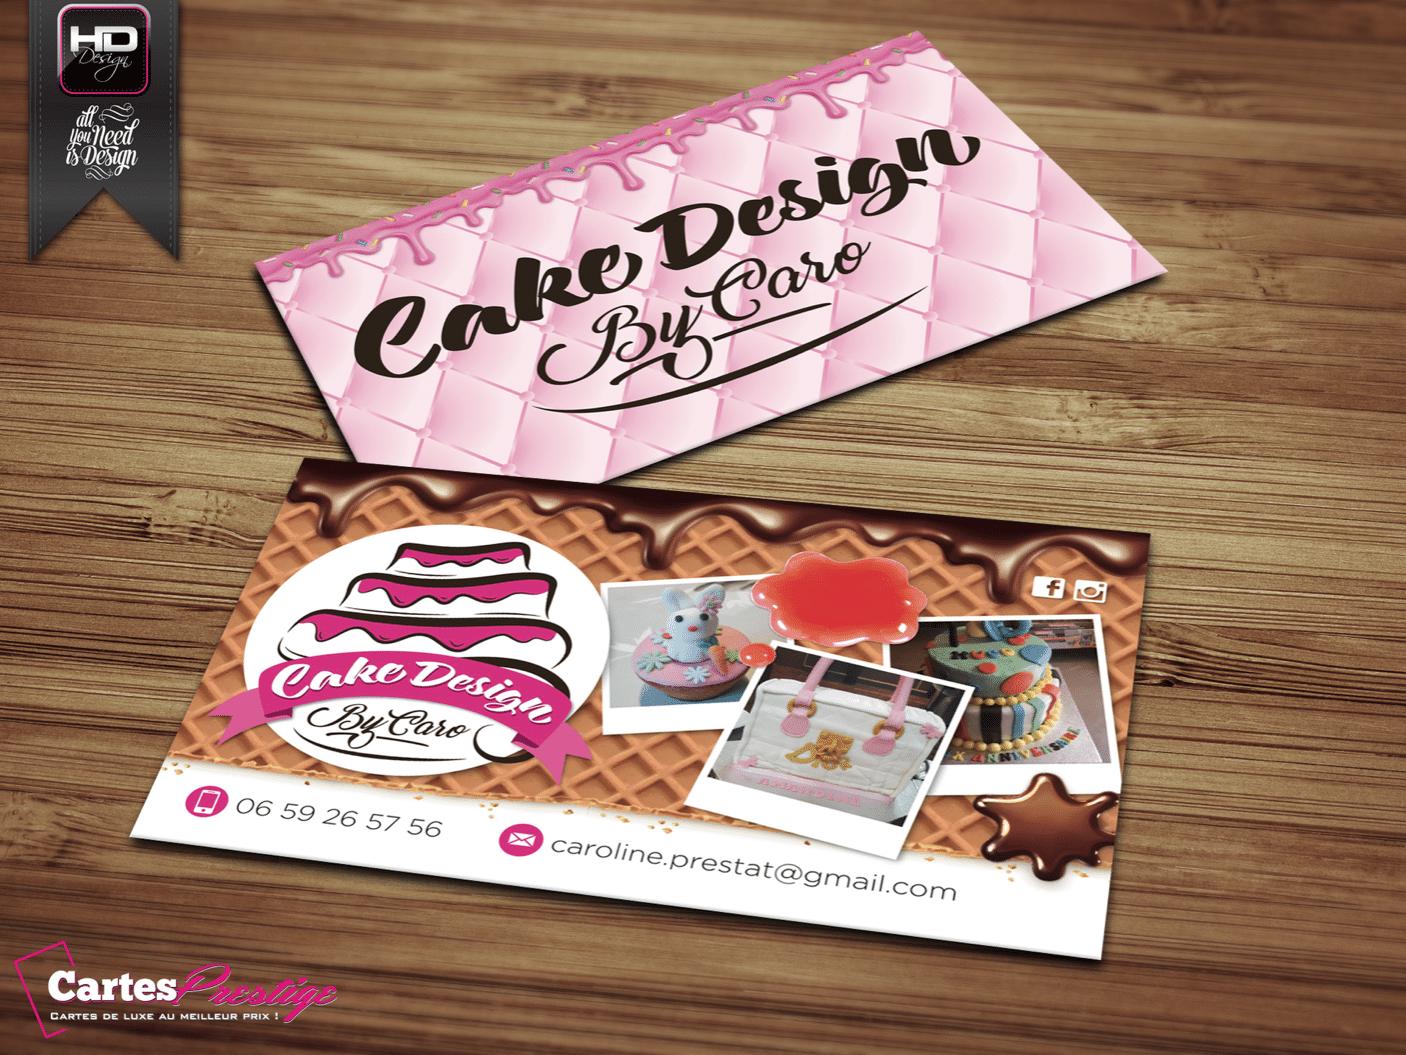 Cartes de visite Cake Design